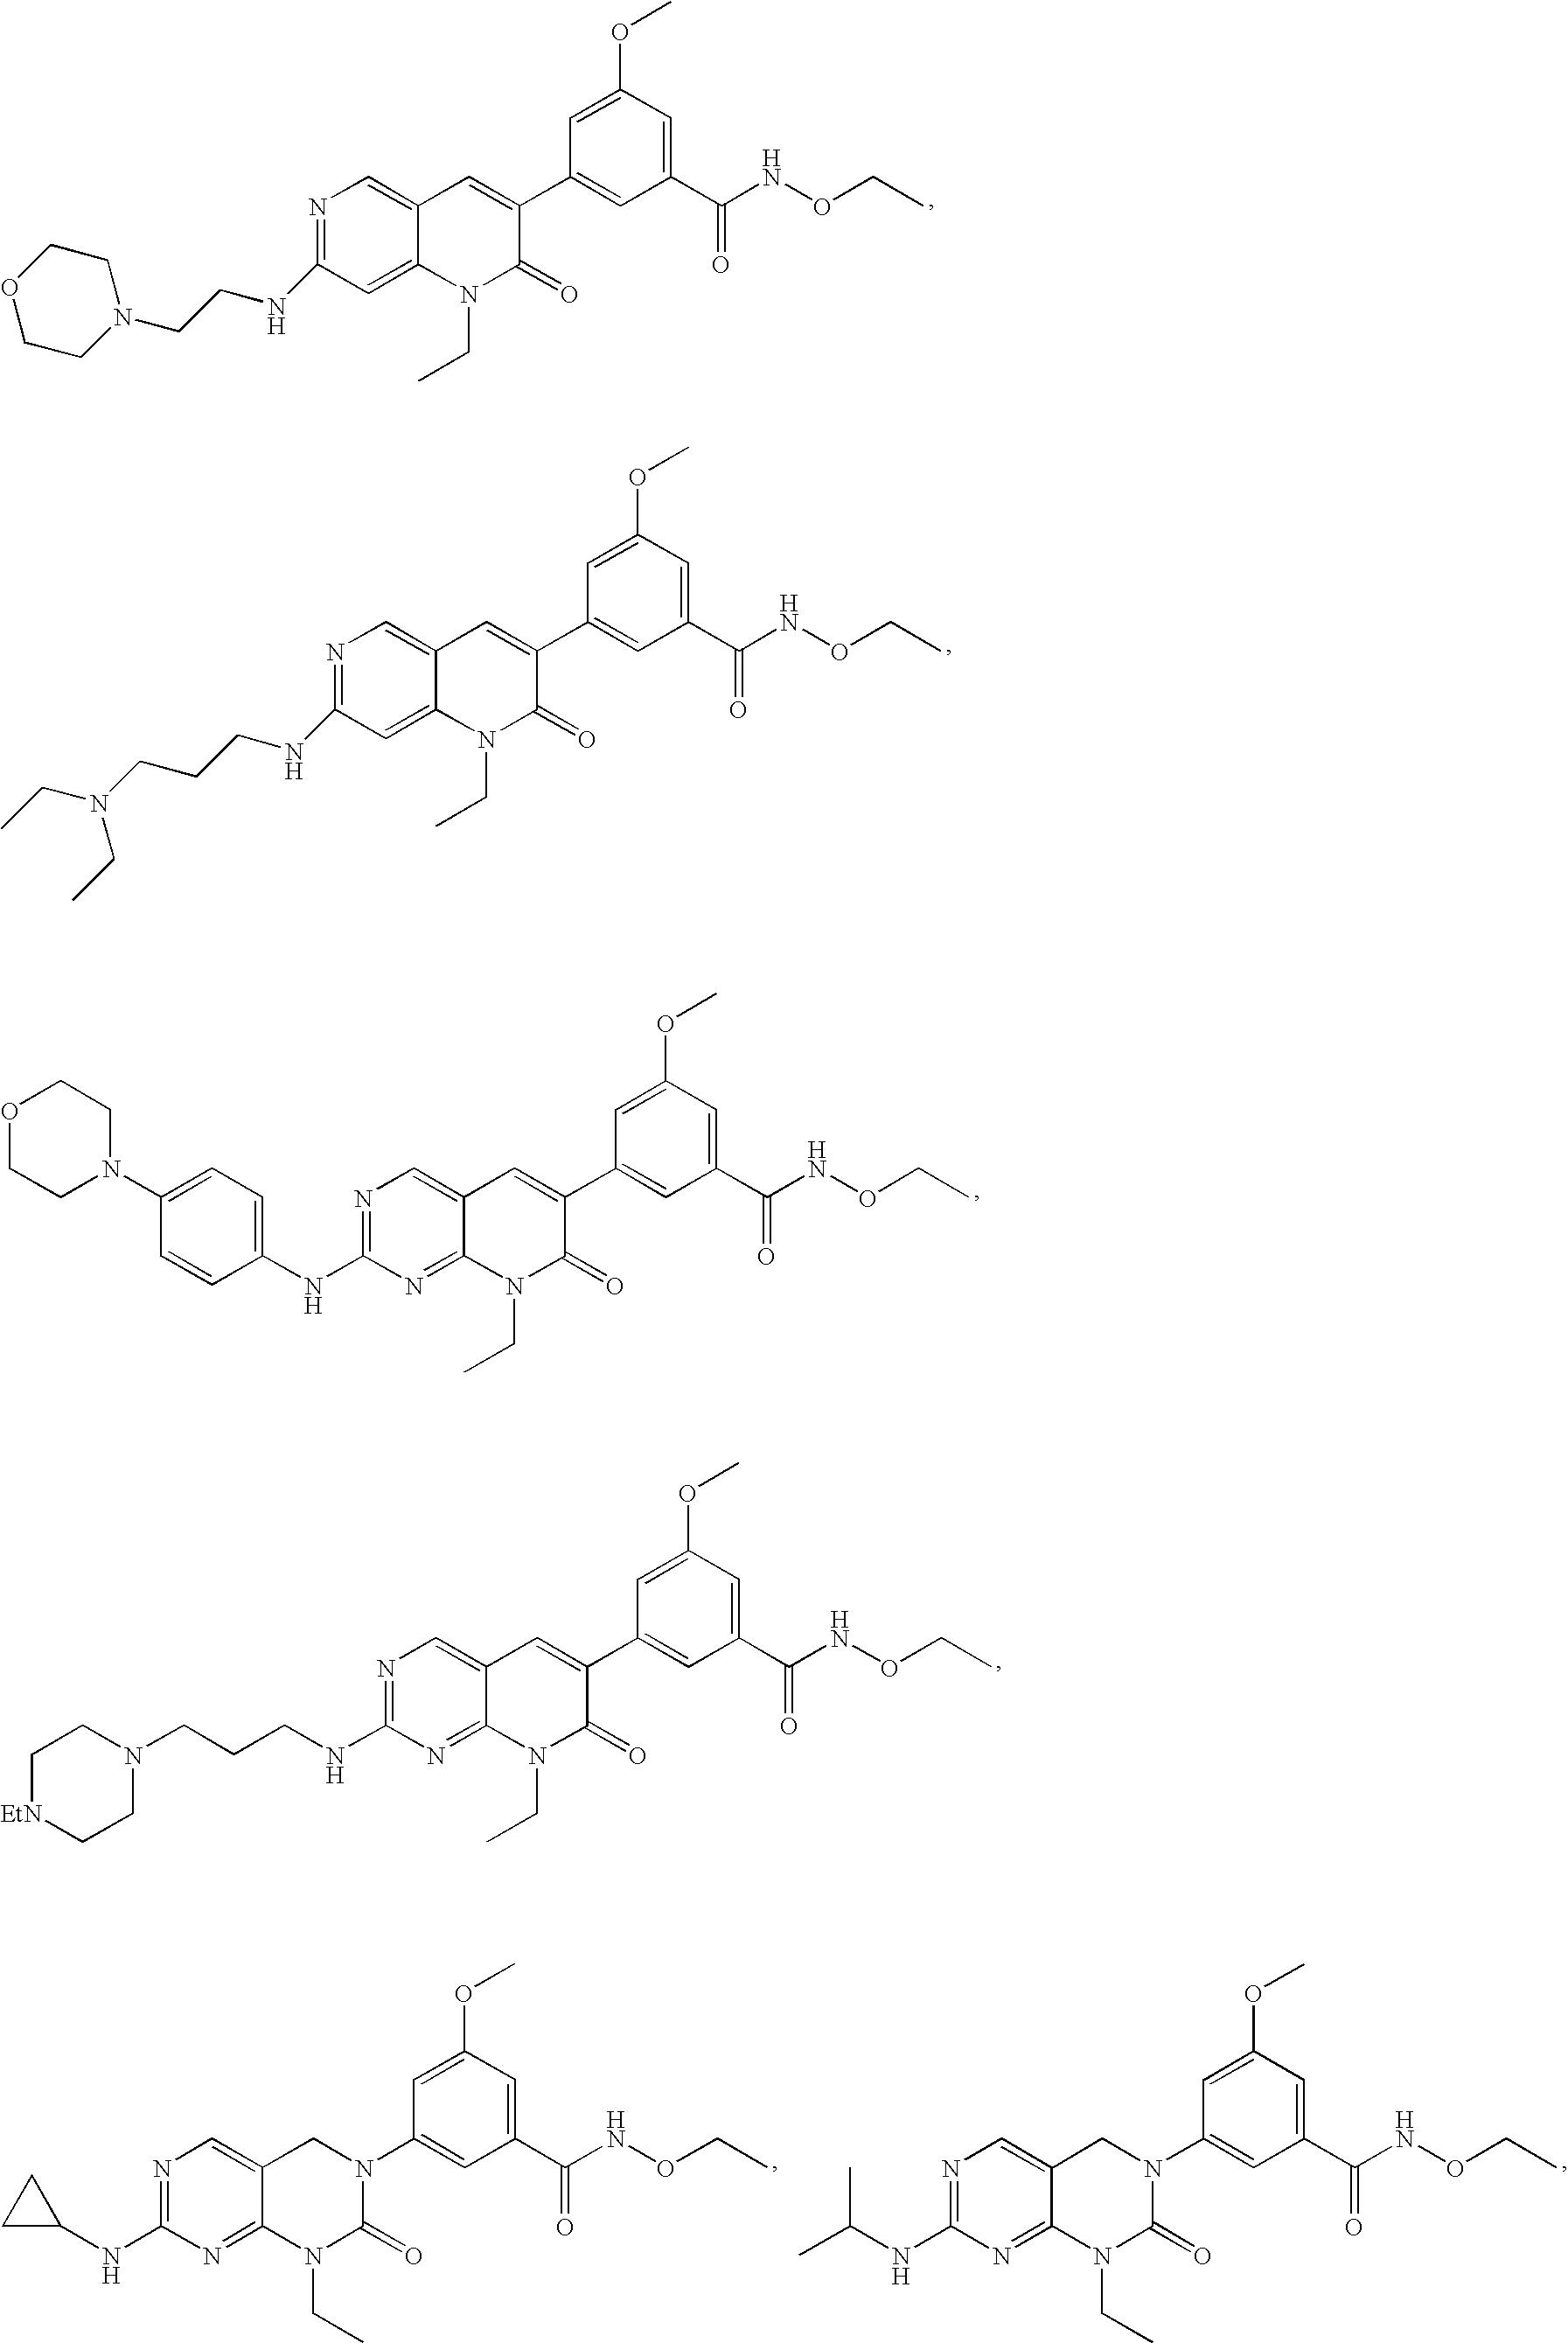 Figure US20090312321A1-20091217-C00009